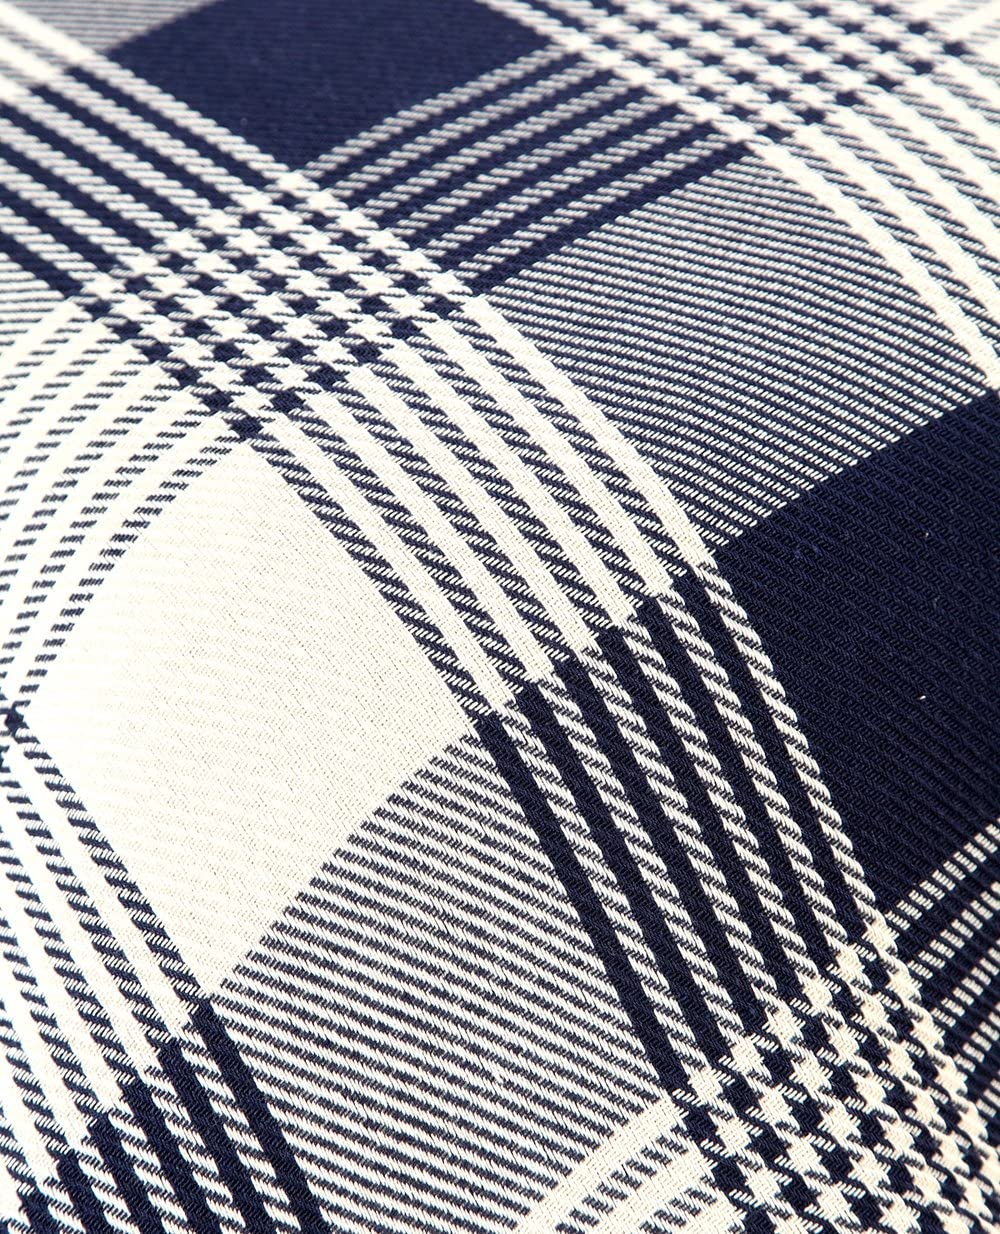 EHC Couvre-lit r/éversible /à tartan 100/% coton Super king size 250/x 380/cm